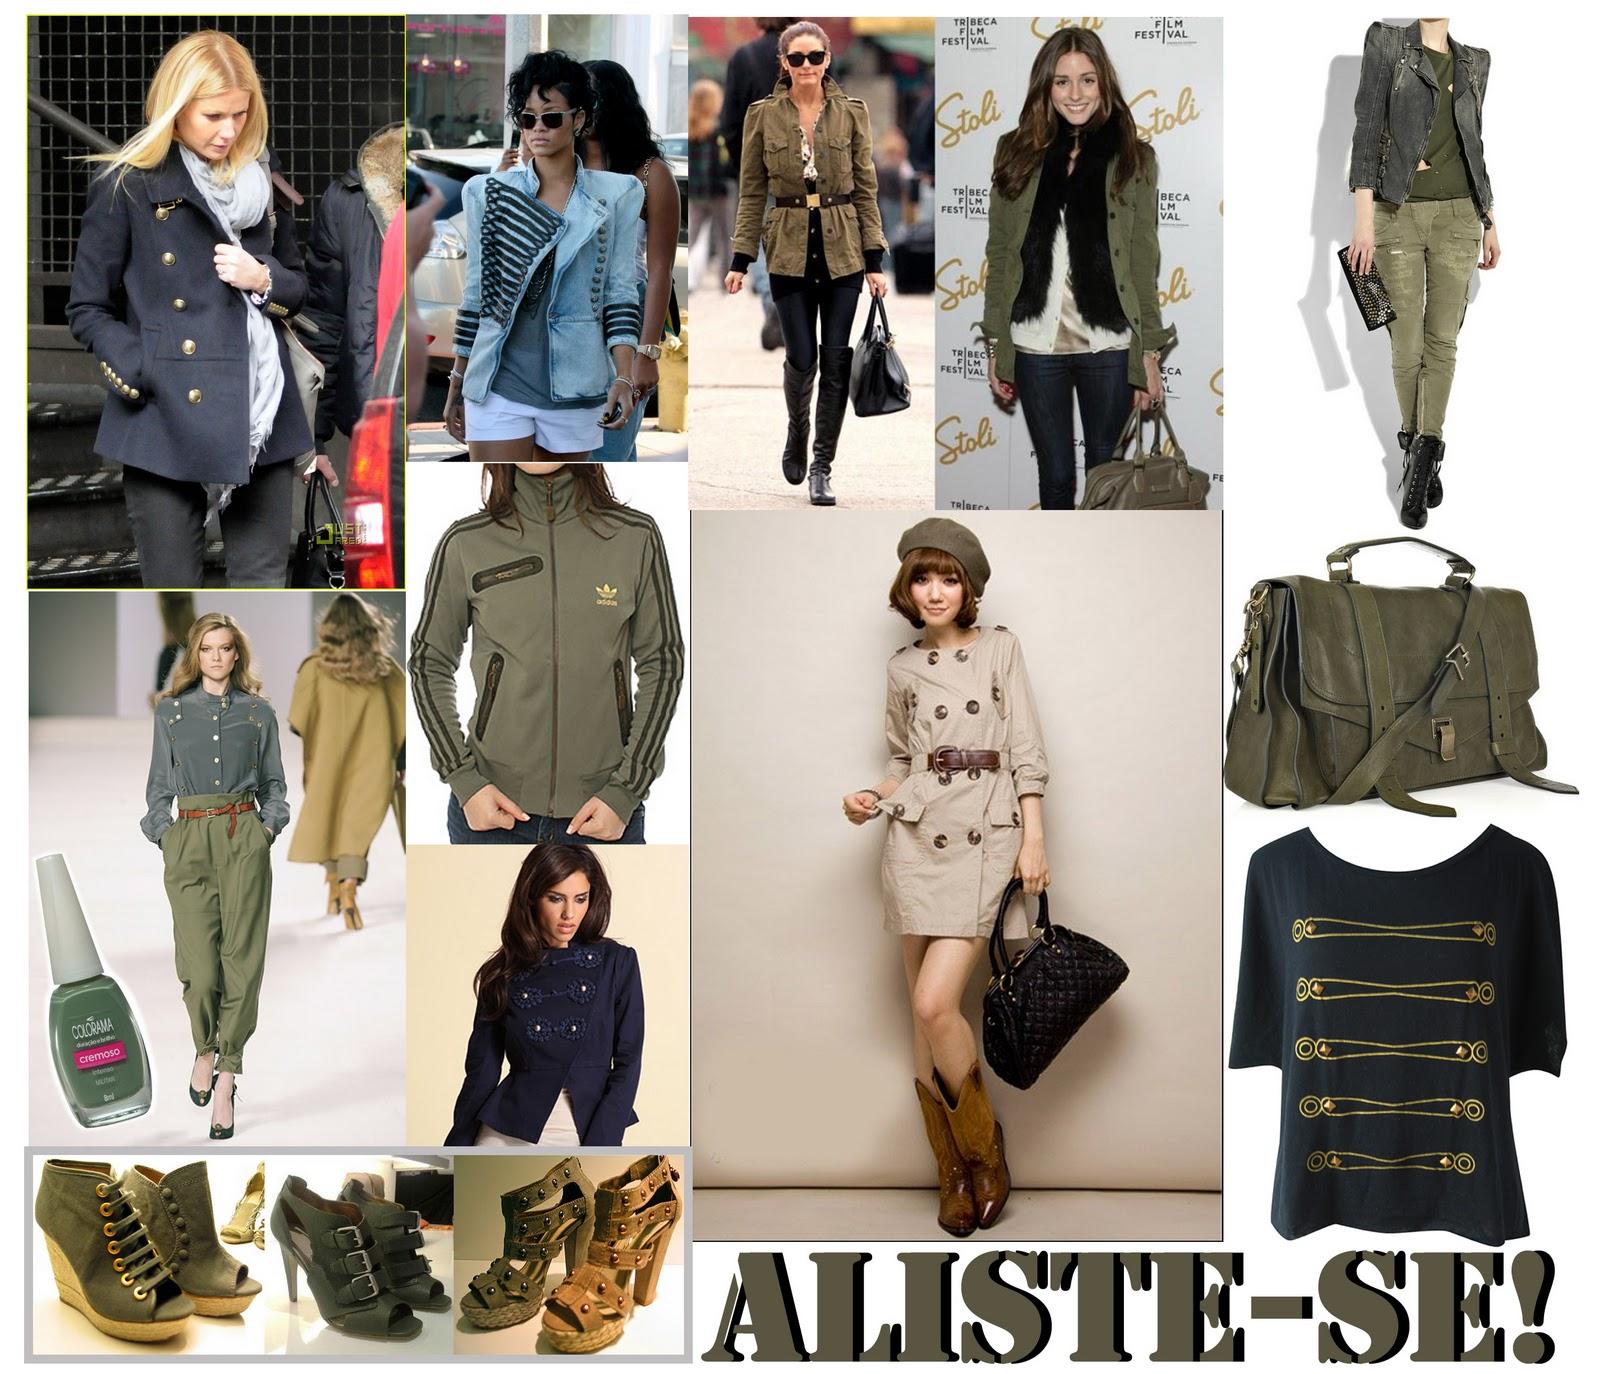 http://1.bp.blogspot.com/-5XDV1uBzkFk/TWFgdm4B8kI/AAAAAAAABEM/au7KIcKX15M/s1600/militarismo.jpg